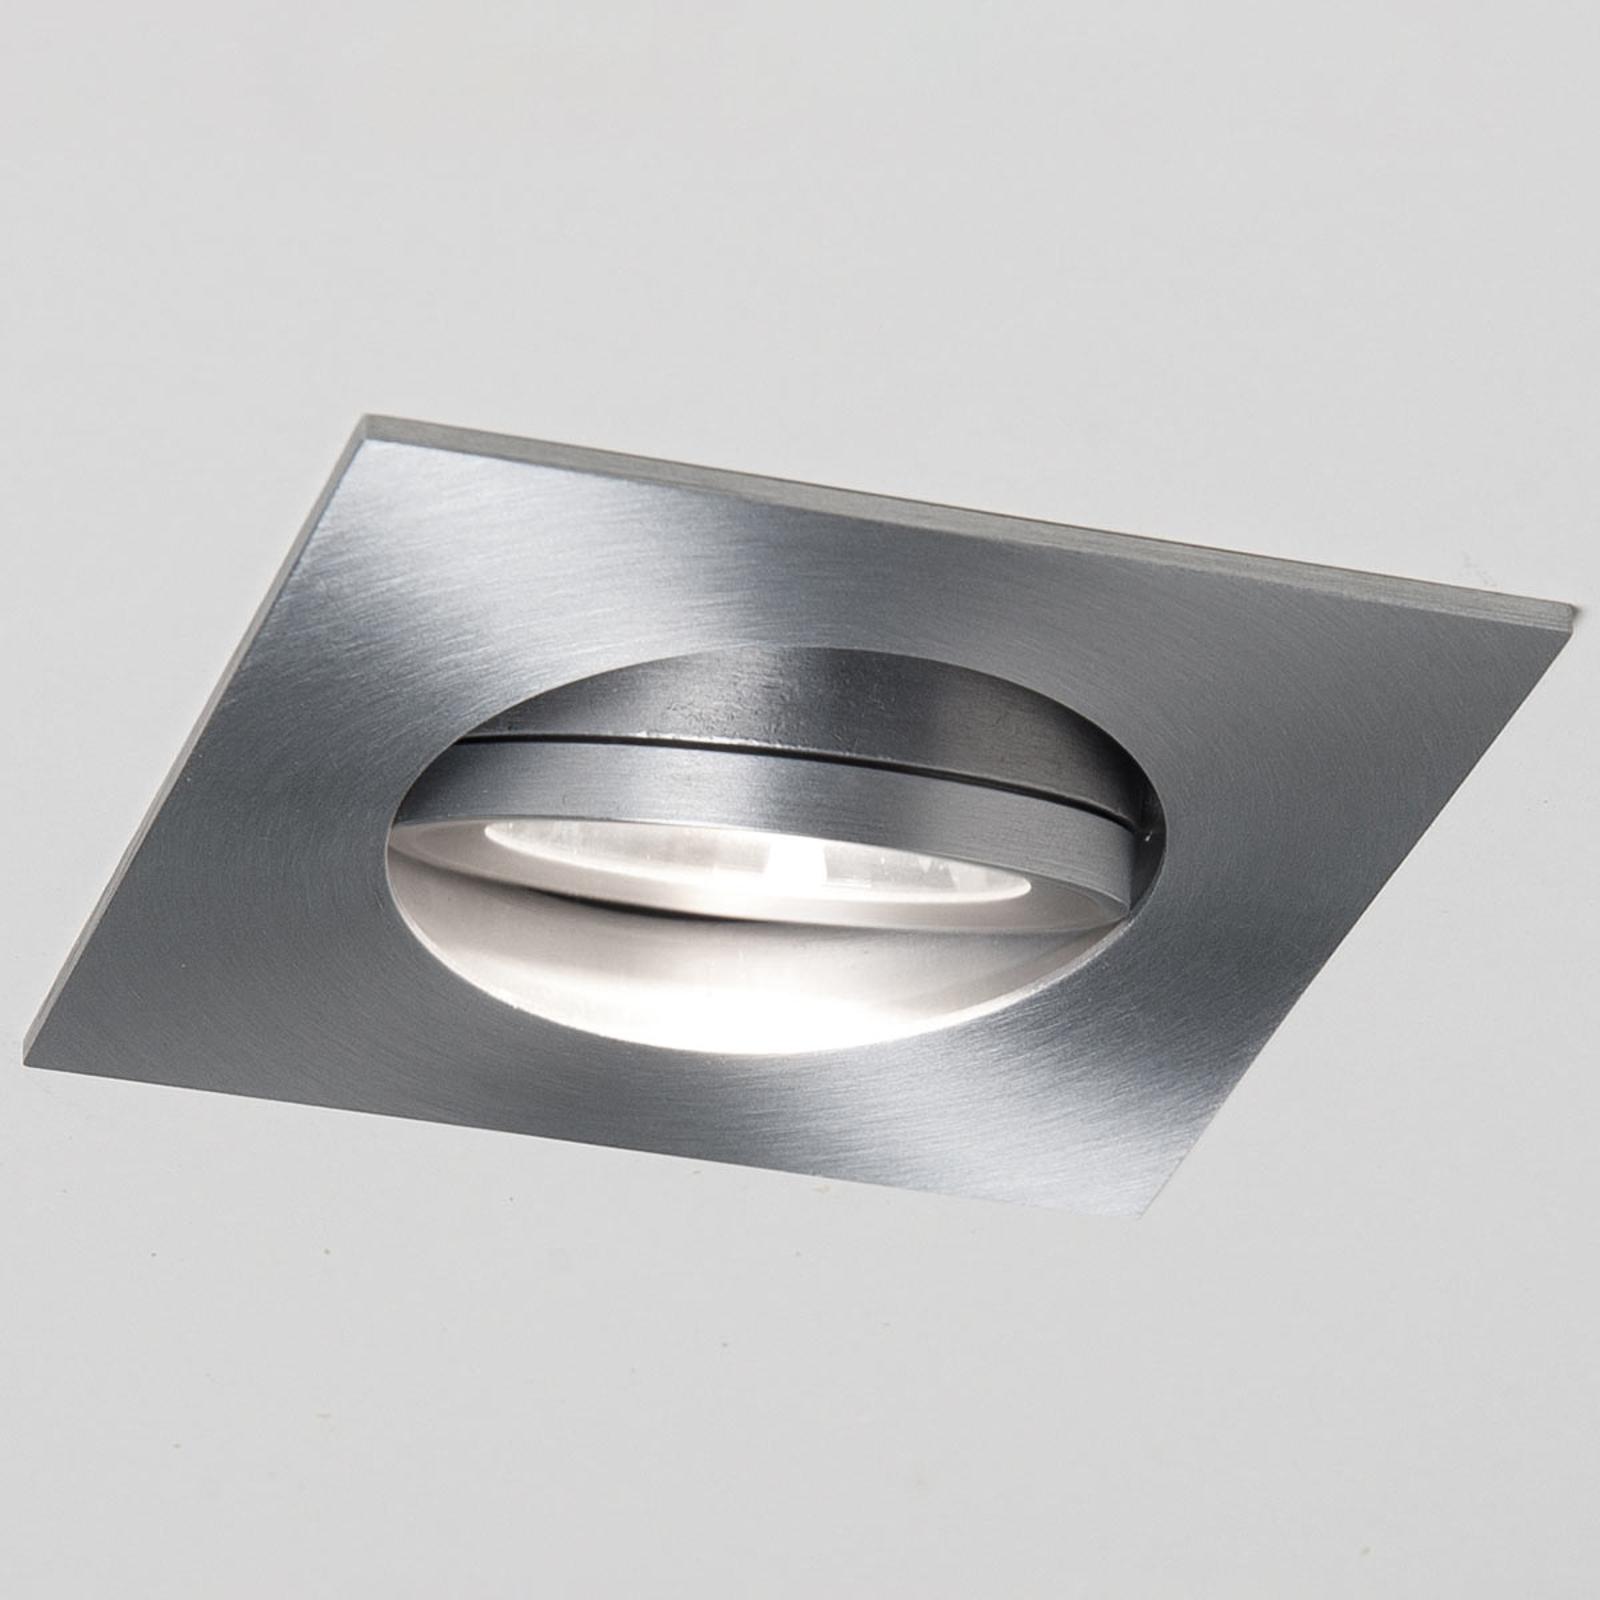 LED-Einbaustrahler Agon Square Alu 3.000K 40°